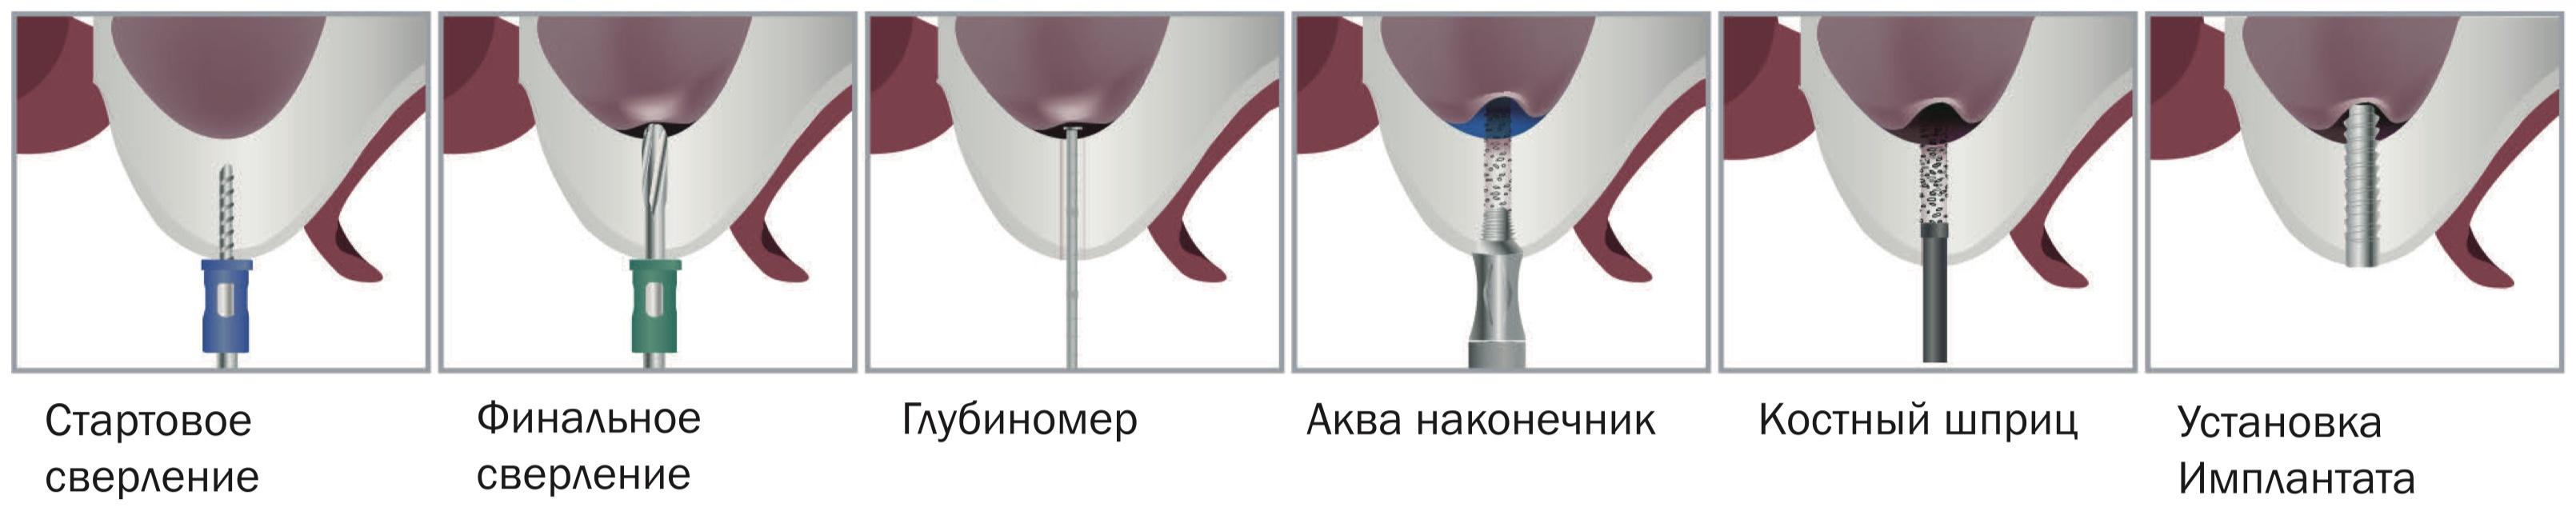 Техника применения Dental Studio Sinus Crestal Approach